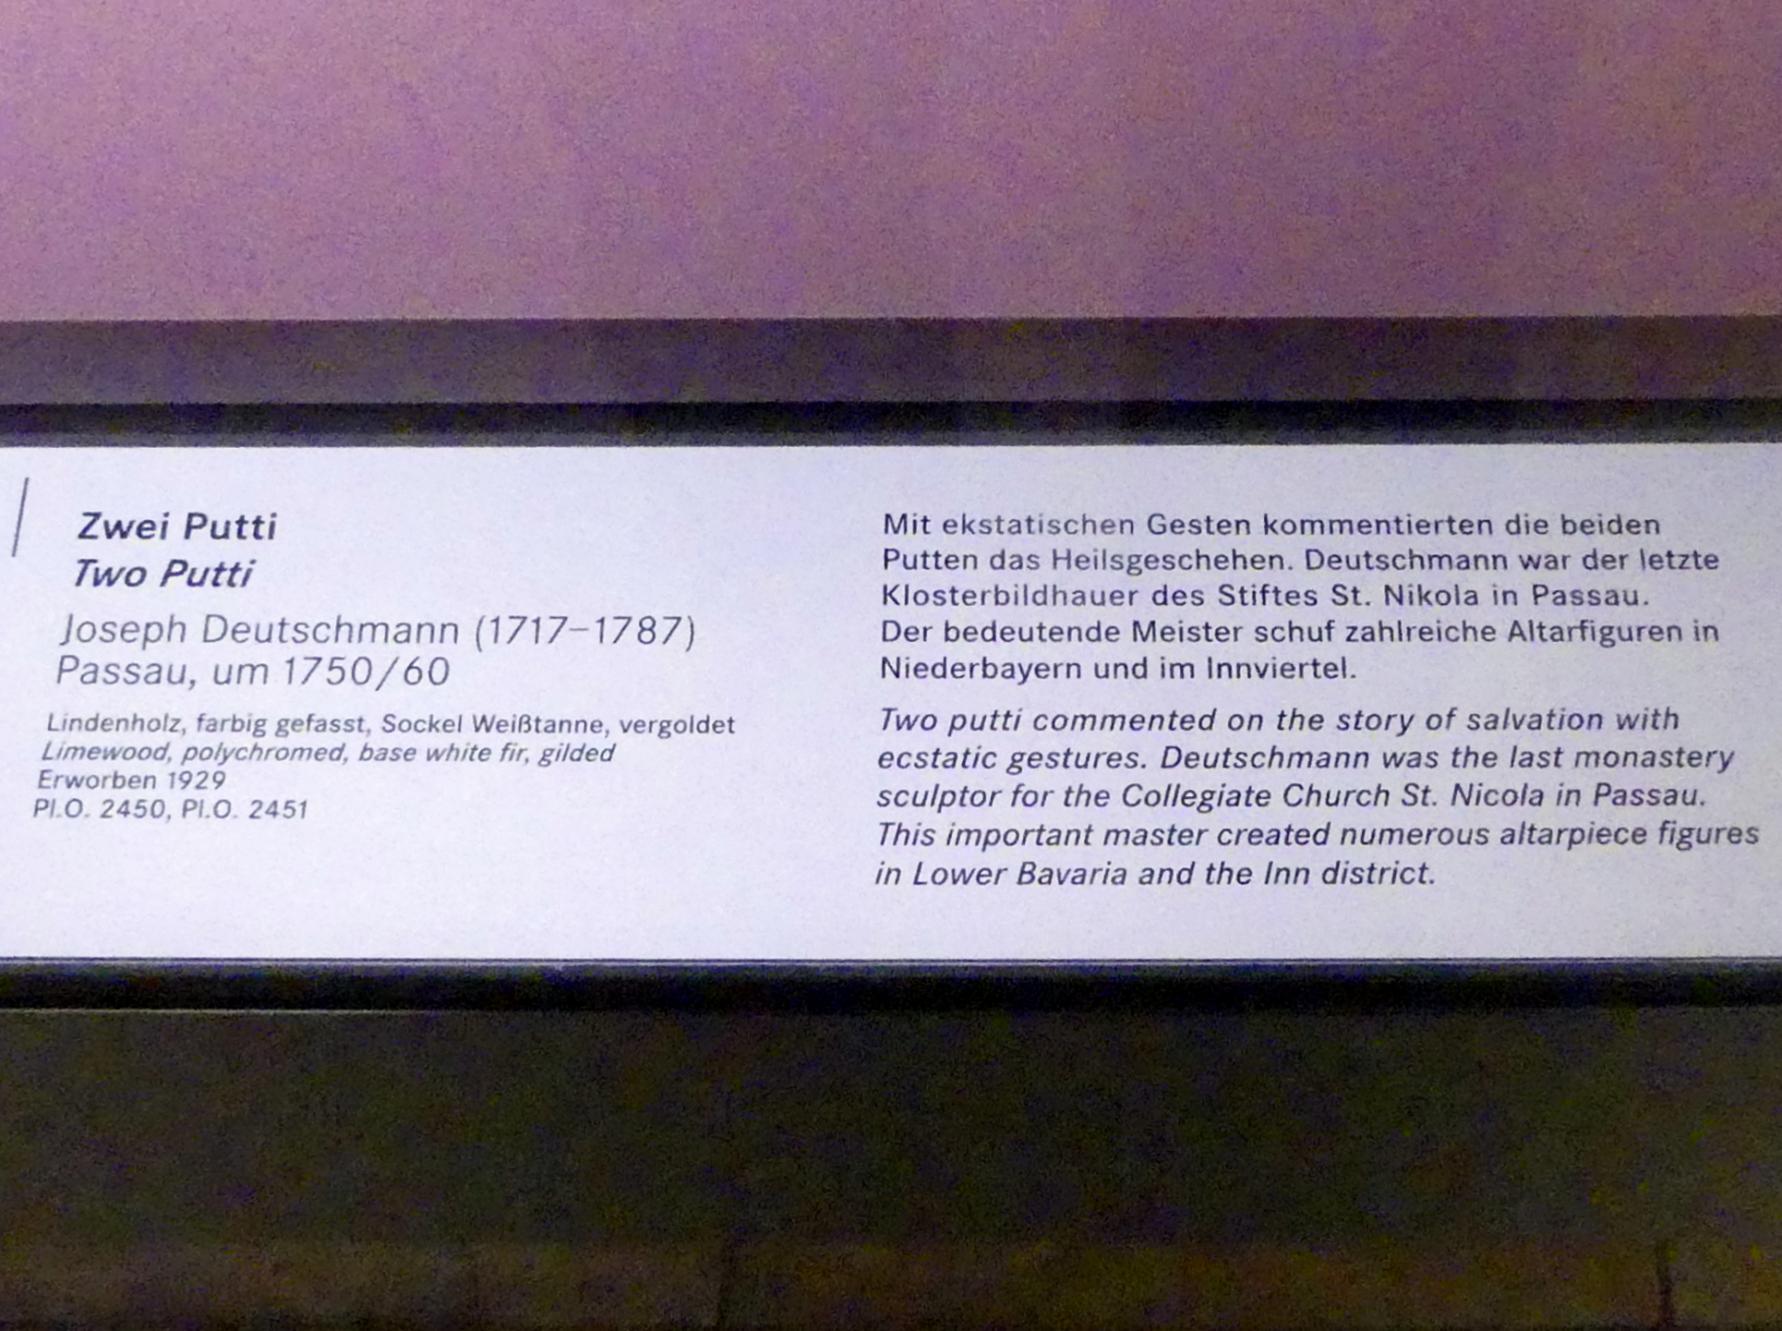 Joseph Deutschmann: Zwei Putti, um 1750 - 1760, Bild 2/2